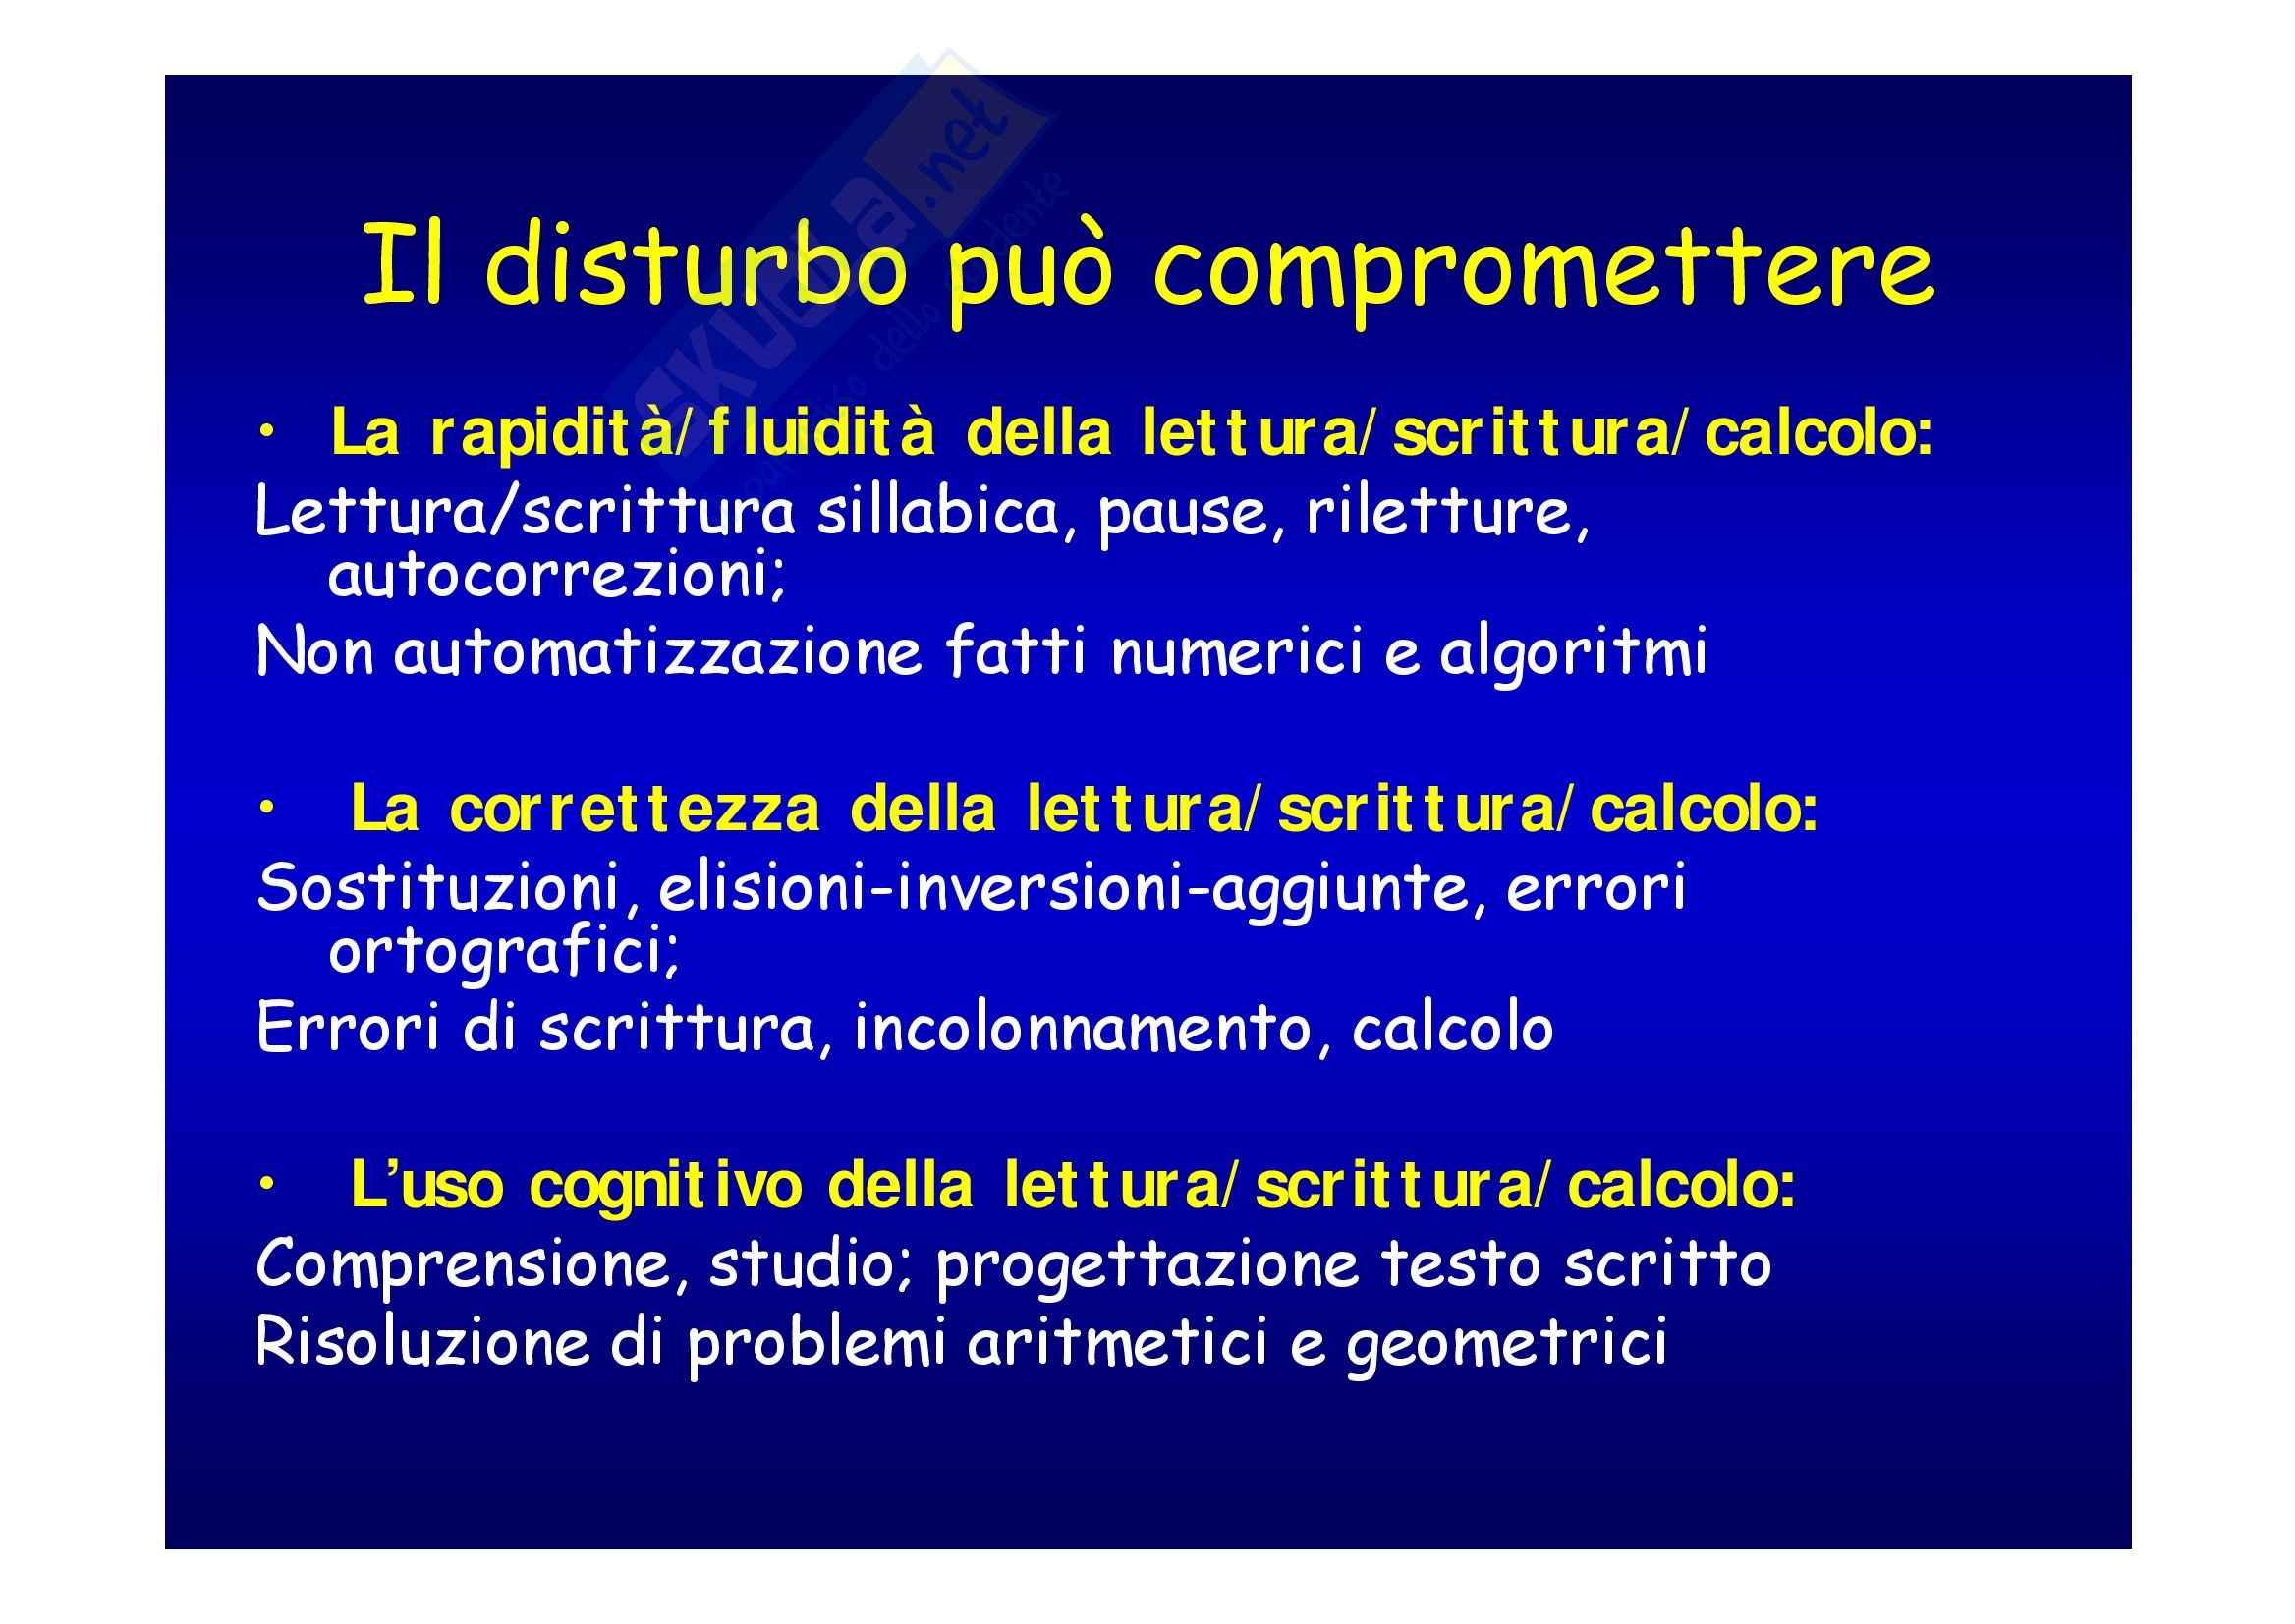 Scienze pediatriche mediche e chirurgiche - Ritardo psicomotorio Pag. 46